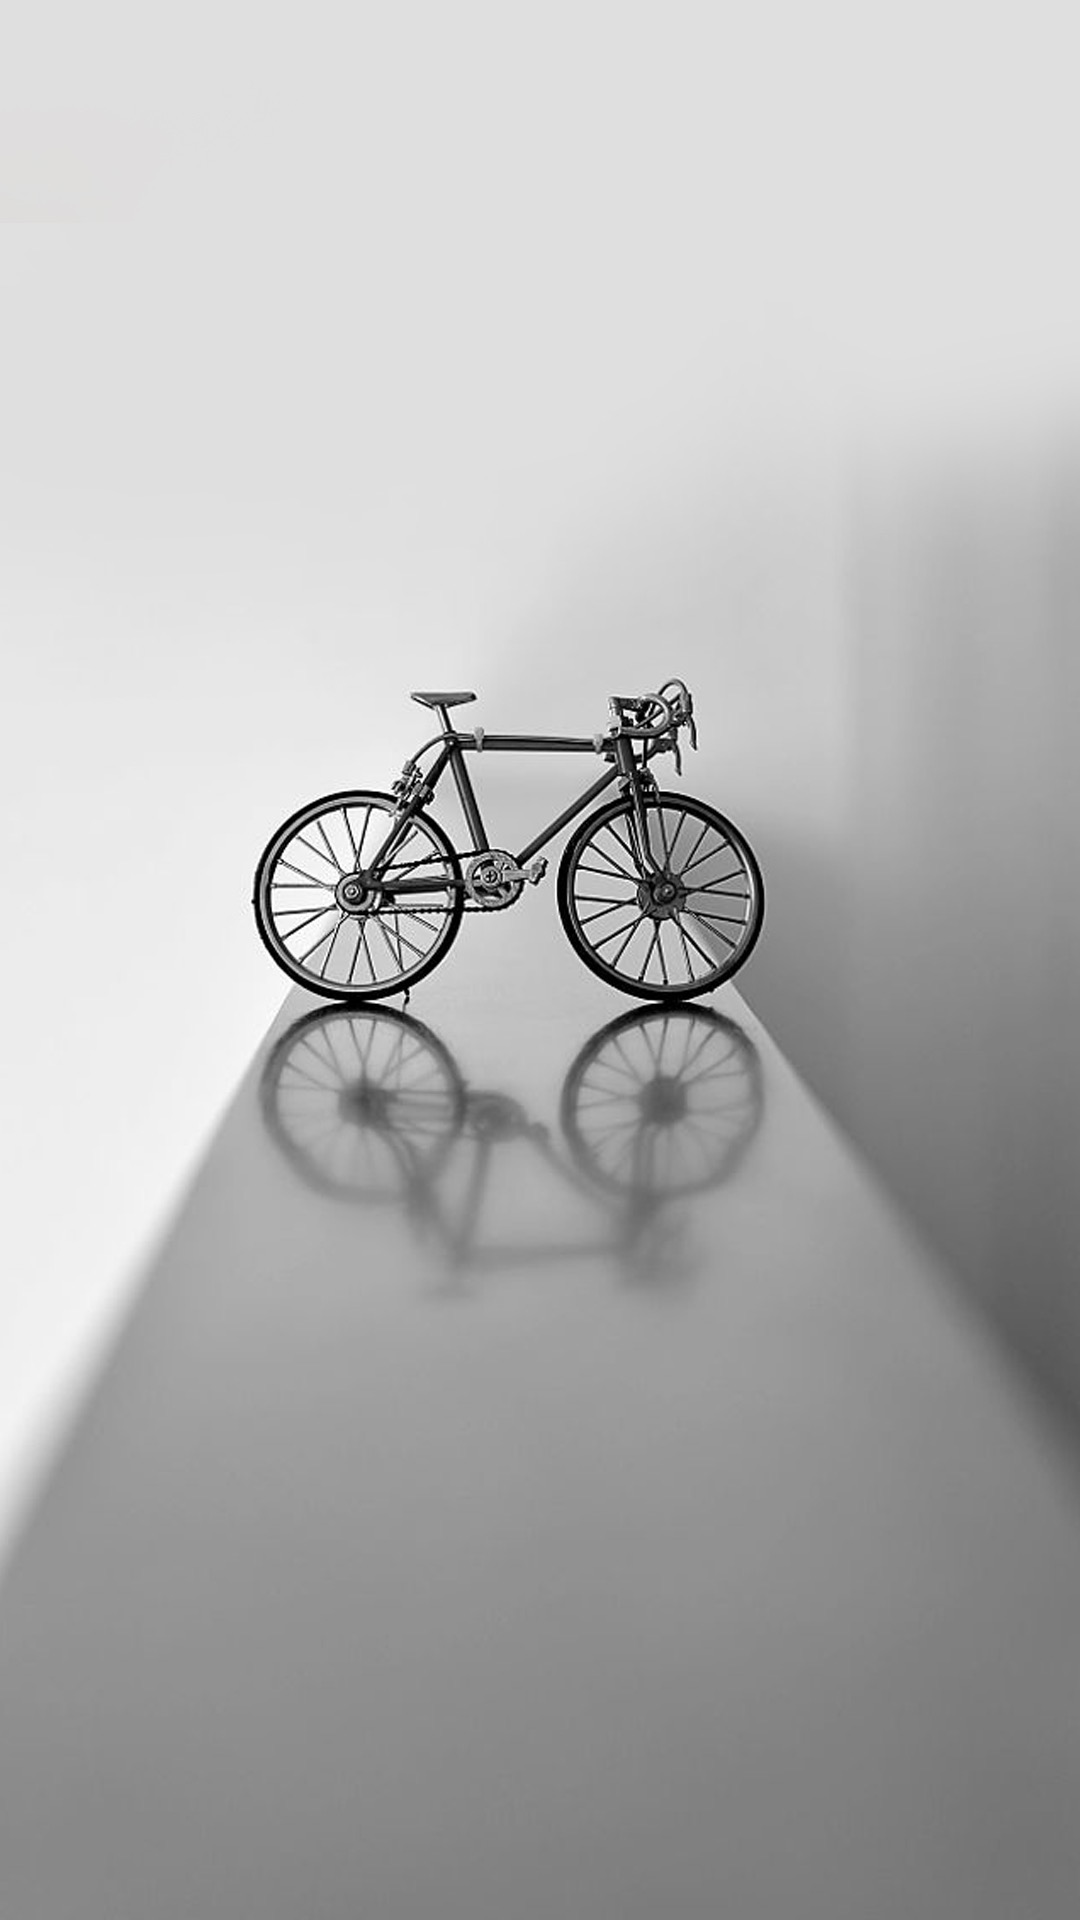 自行车 单车 倒影 黑白 迷你